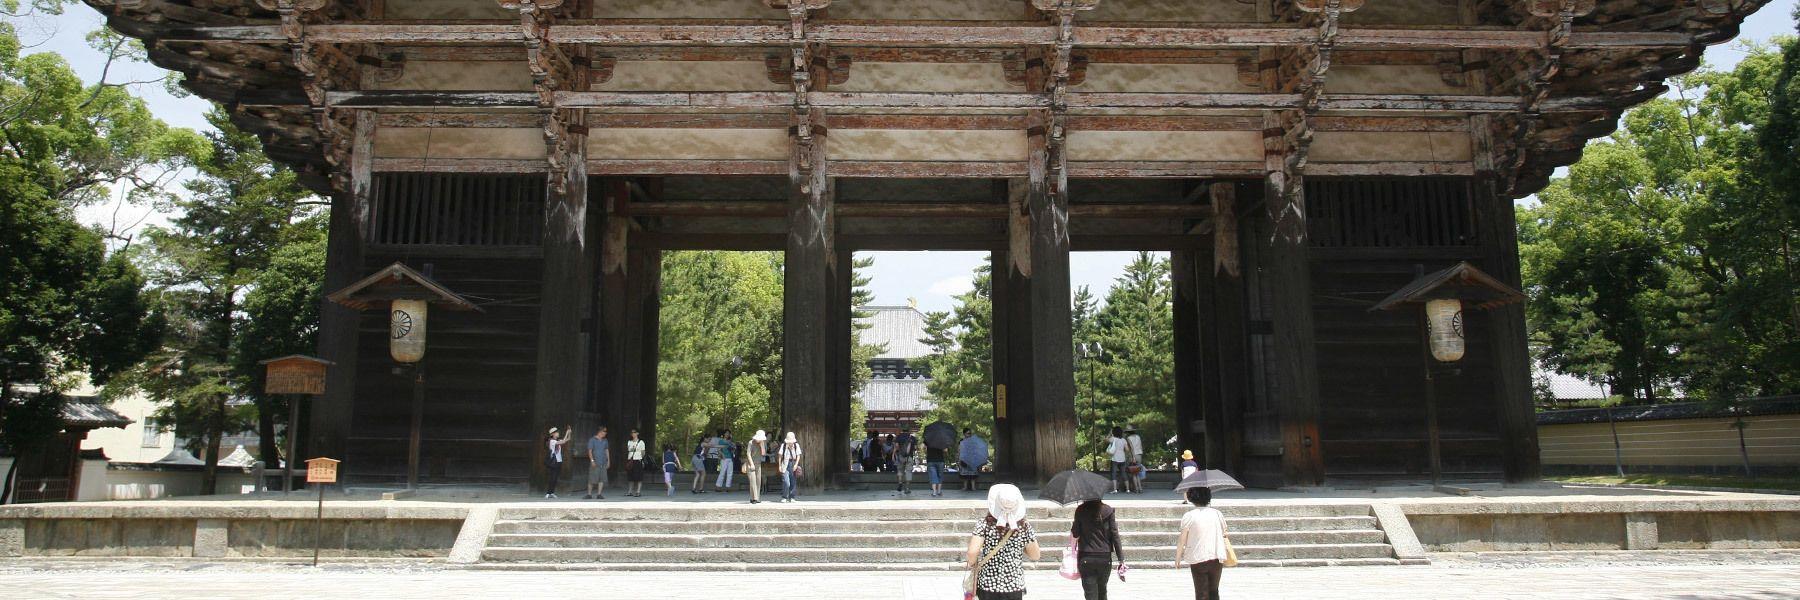 東大寺の仏像 - 南大門仁王像 - Weblio辞書